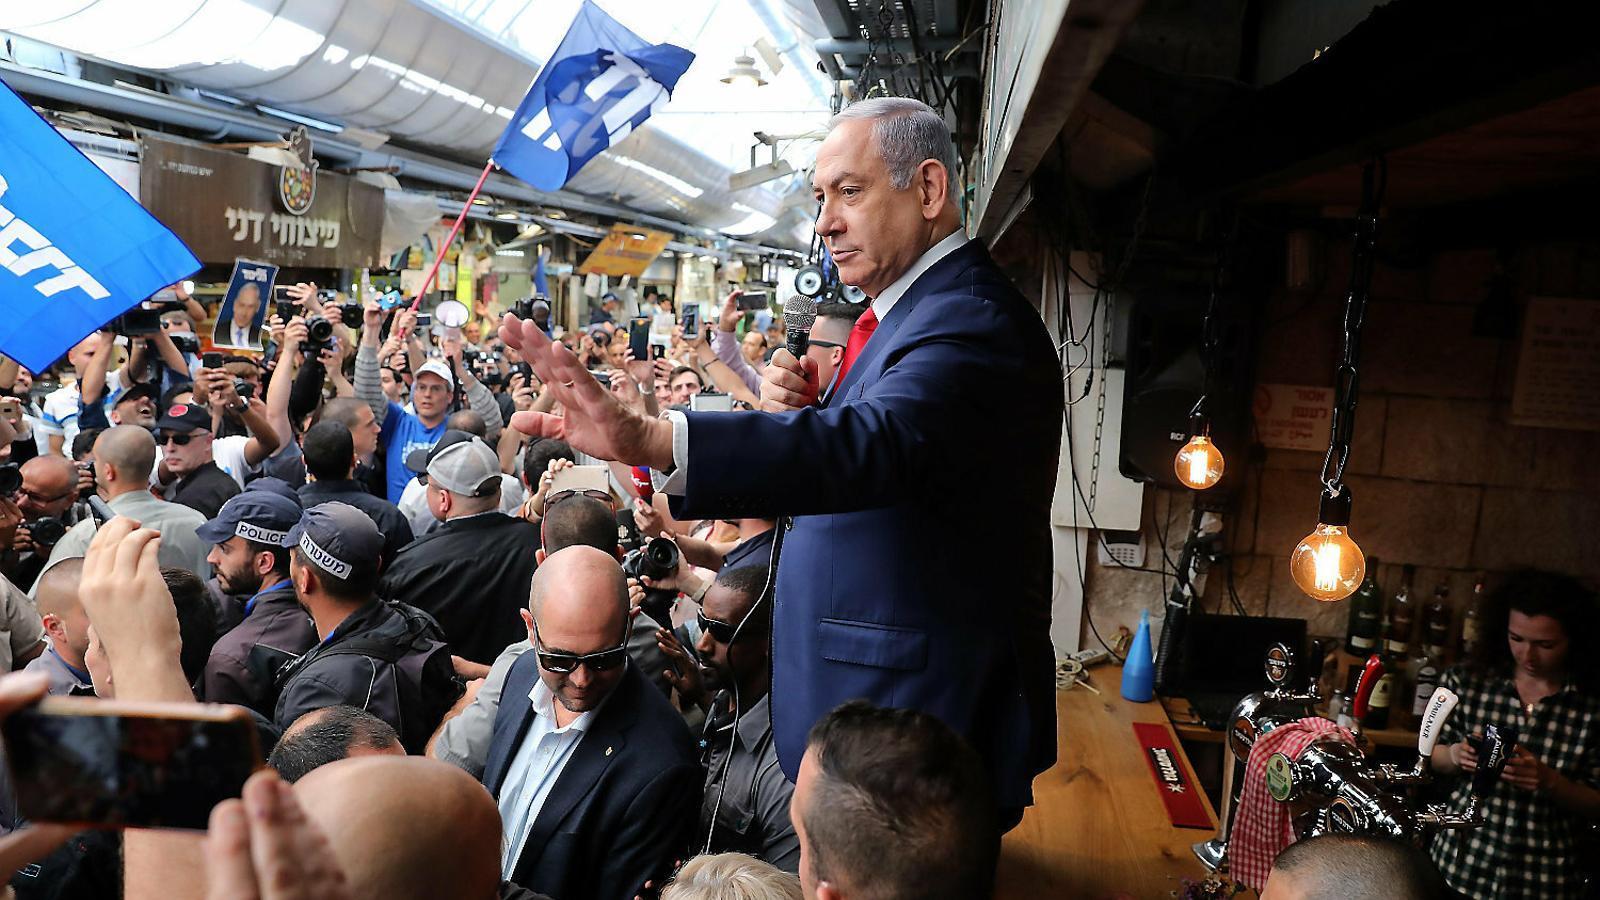 Netanyahu aspira a la reelecció amb la ultradreta i els ortodoxos